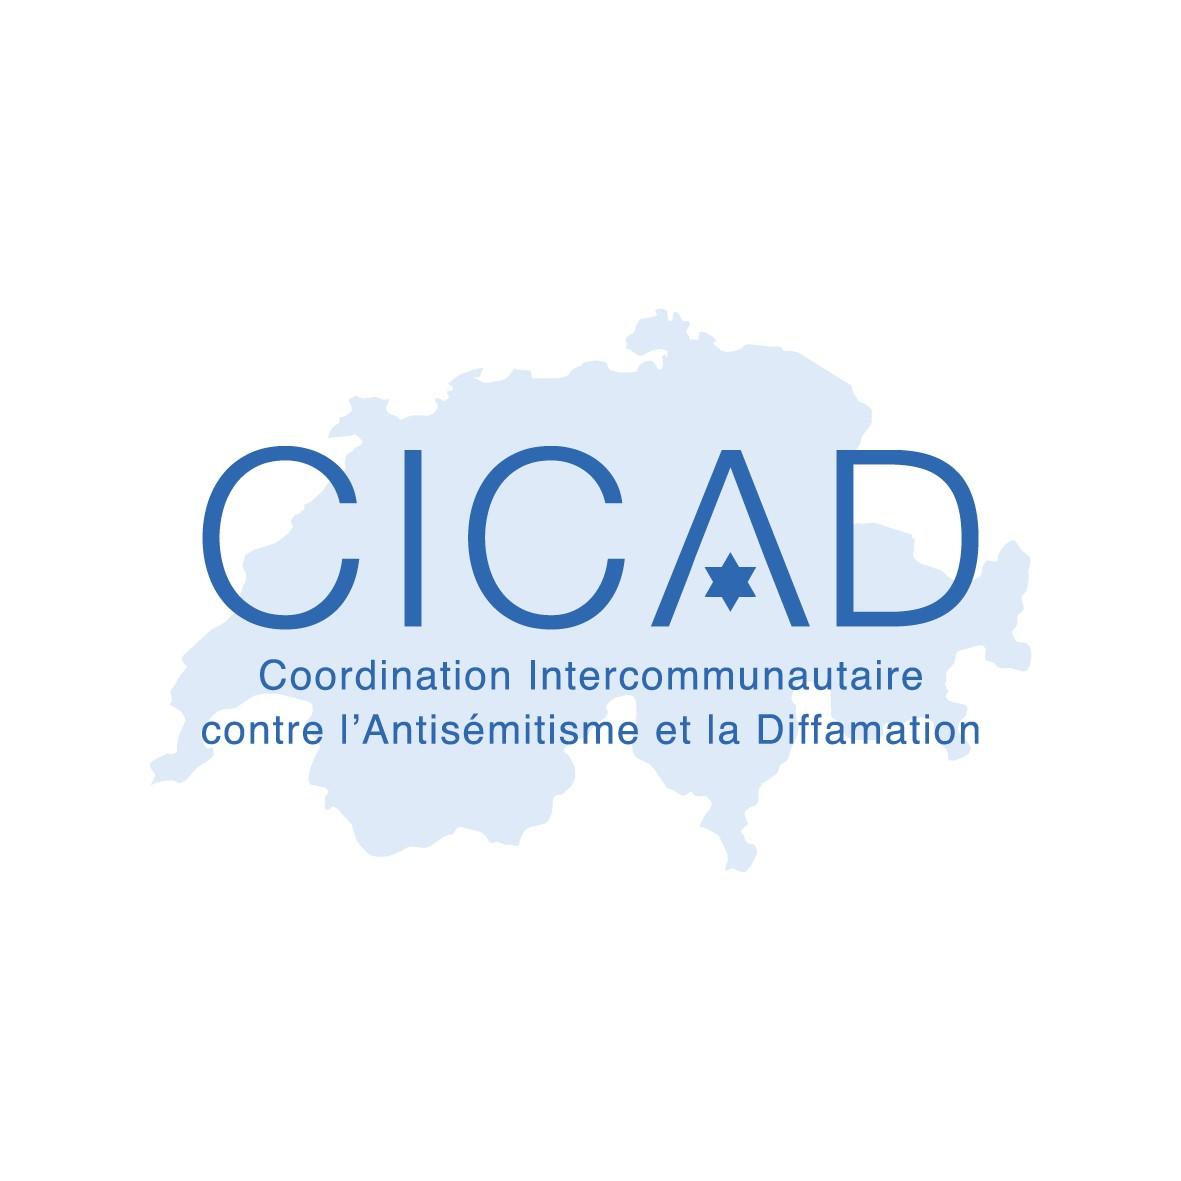 https://cicad.ch/fr